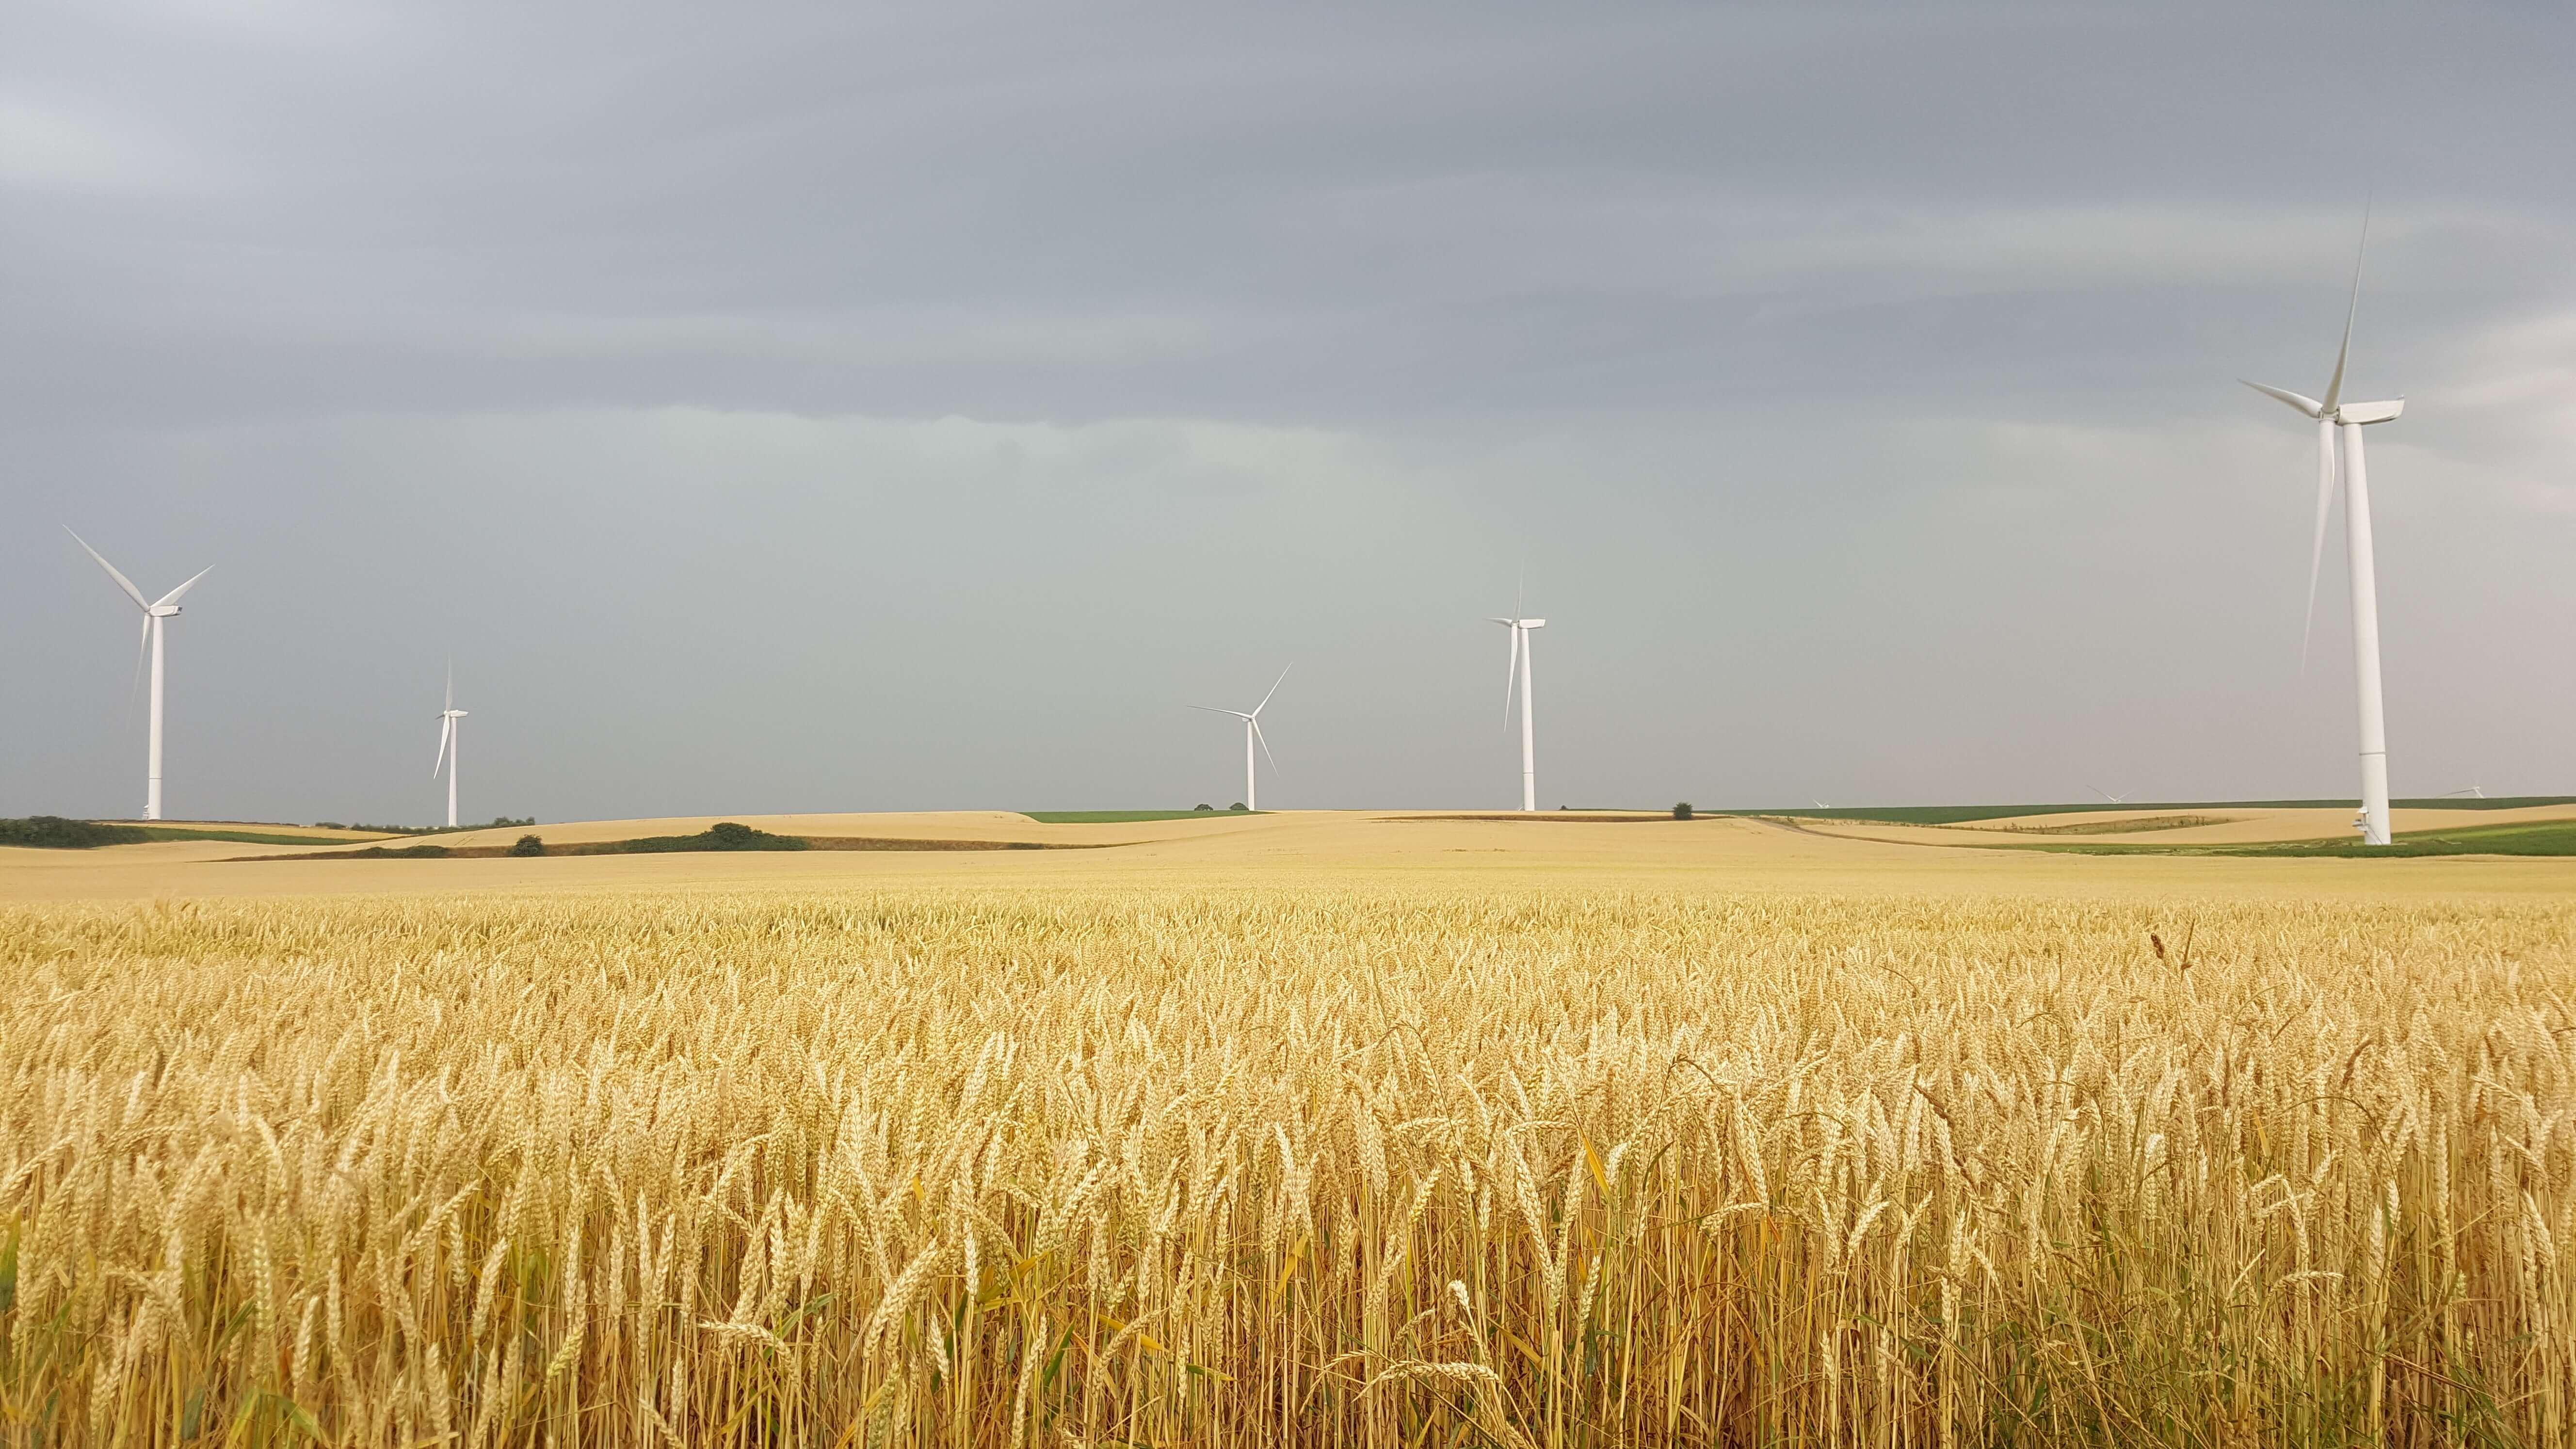 RIVE Private Investment assiste à l'inauguration du parc éolien du Mont d'Erny